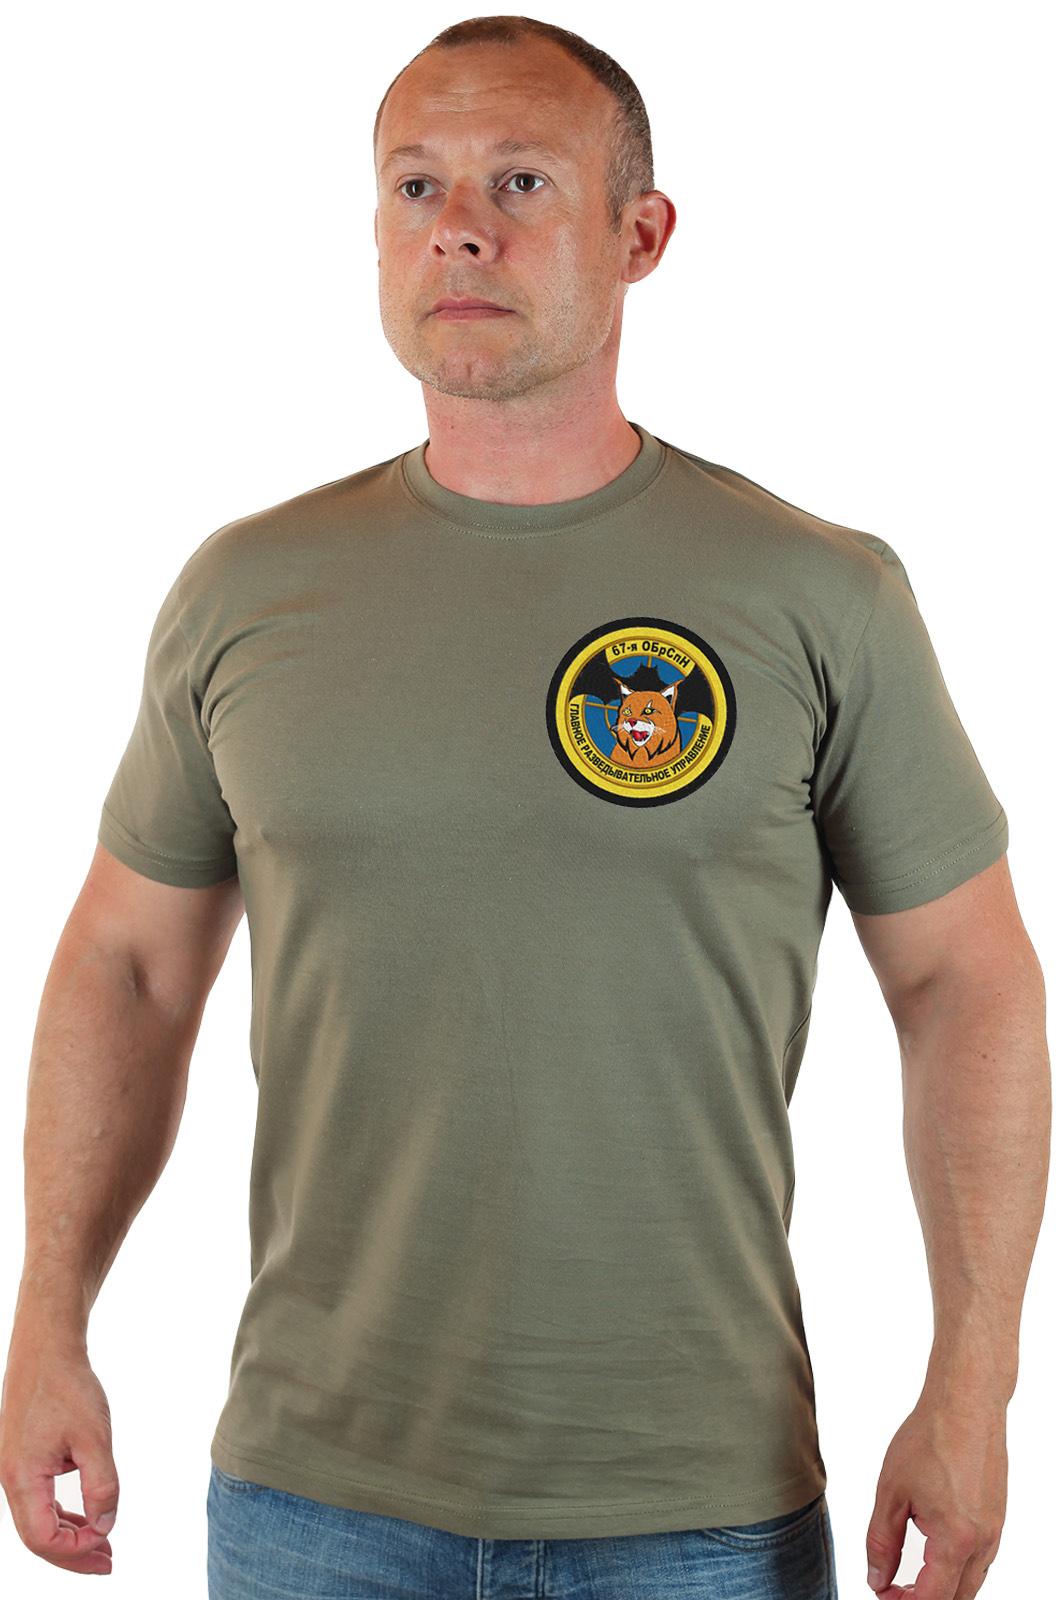 Недорогая мужская футболка 67 ОБрСпН ГРУ